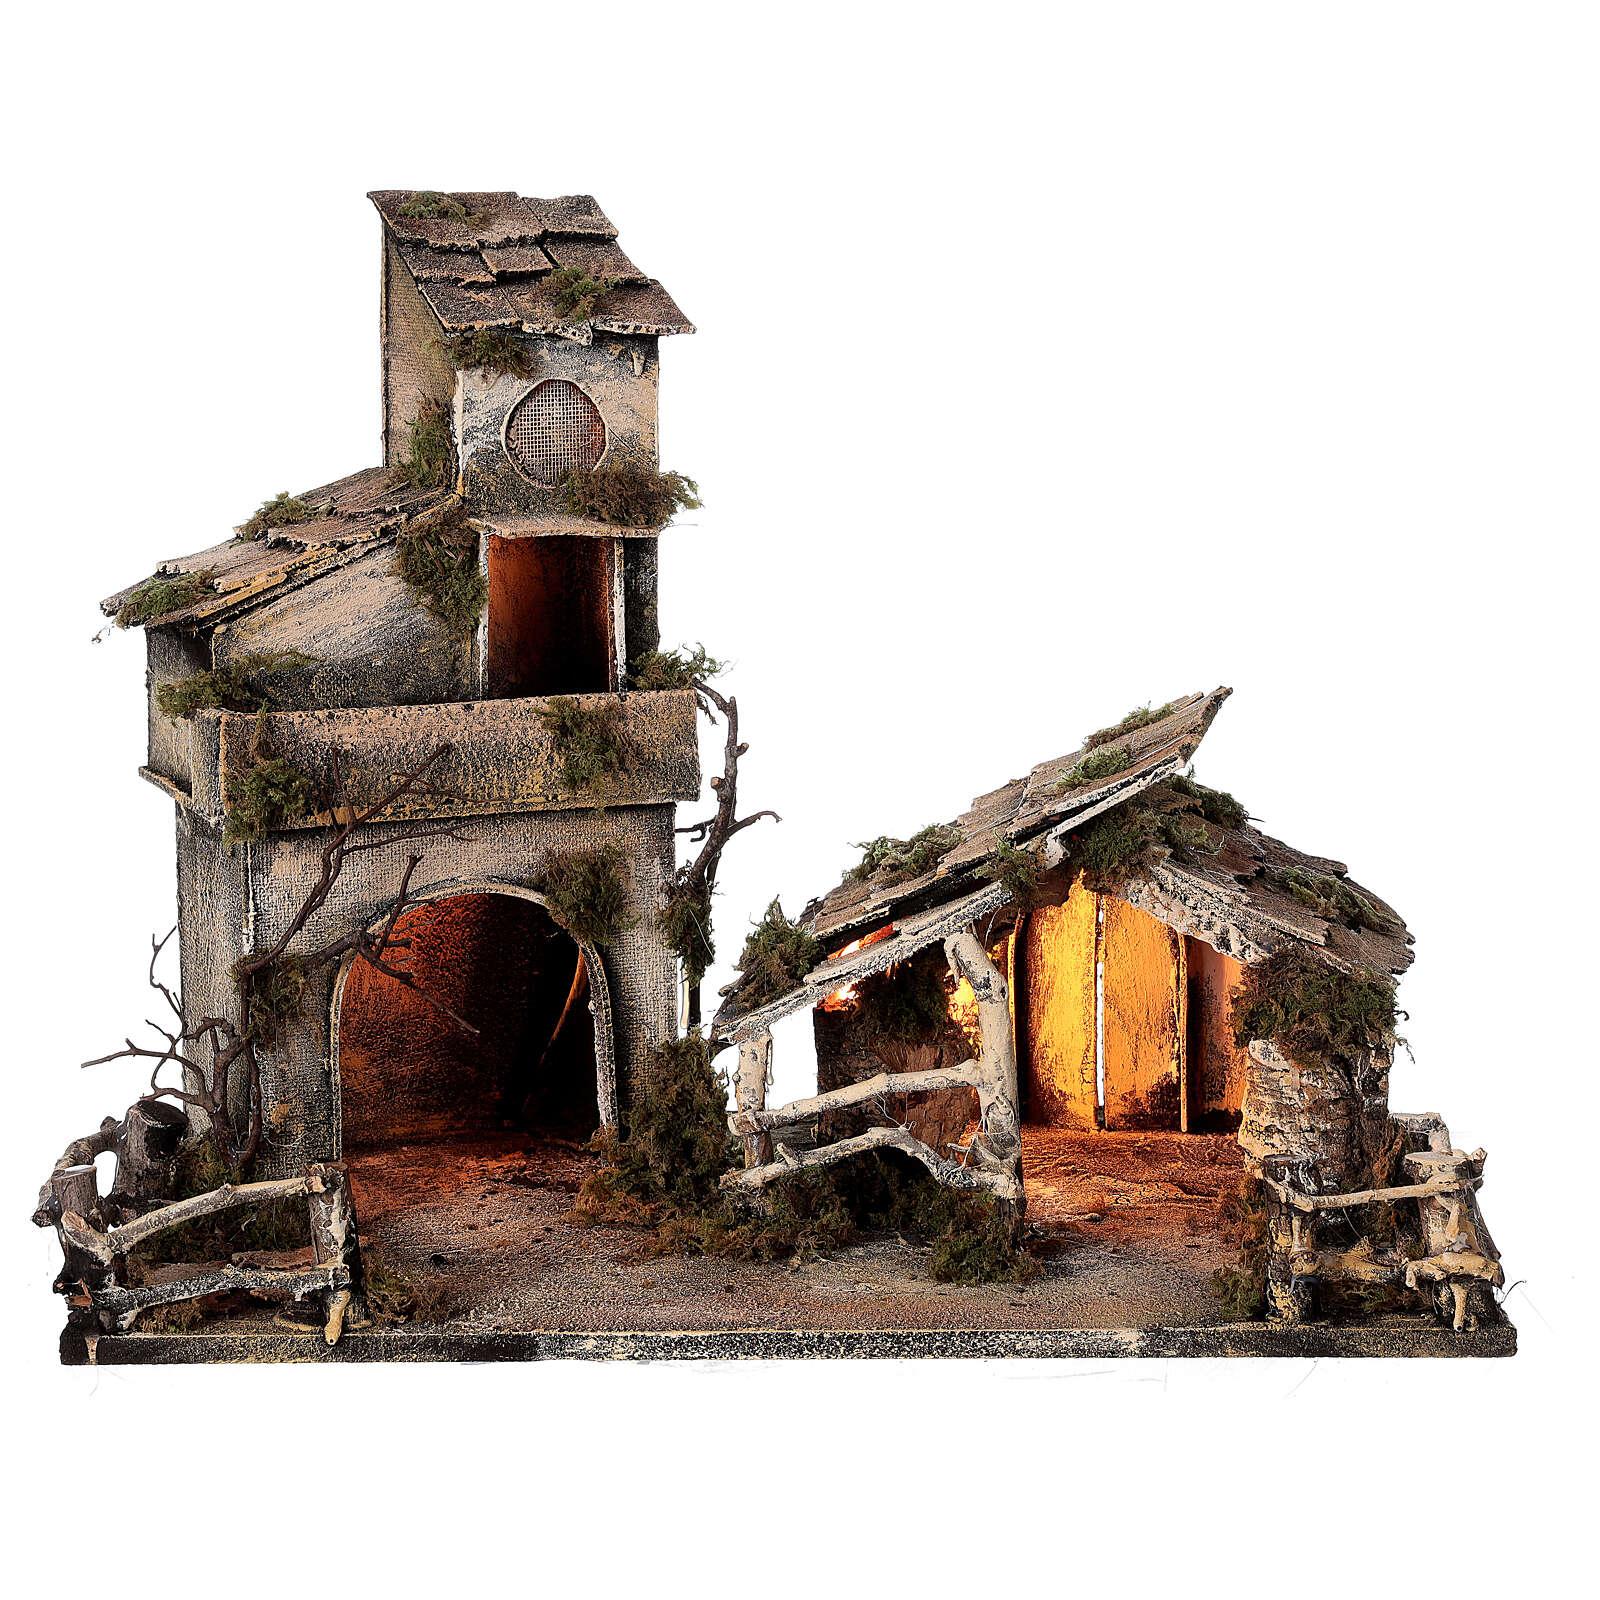 Cabana com estábulo presépio napolitano com figuras altura média 8 cm, medidas: 30x50x45 cm 4